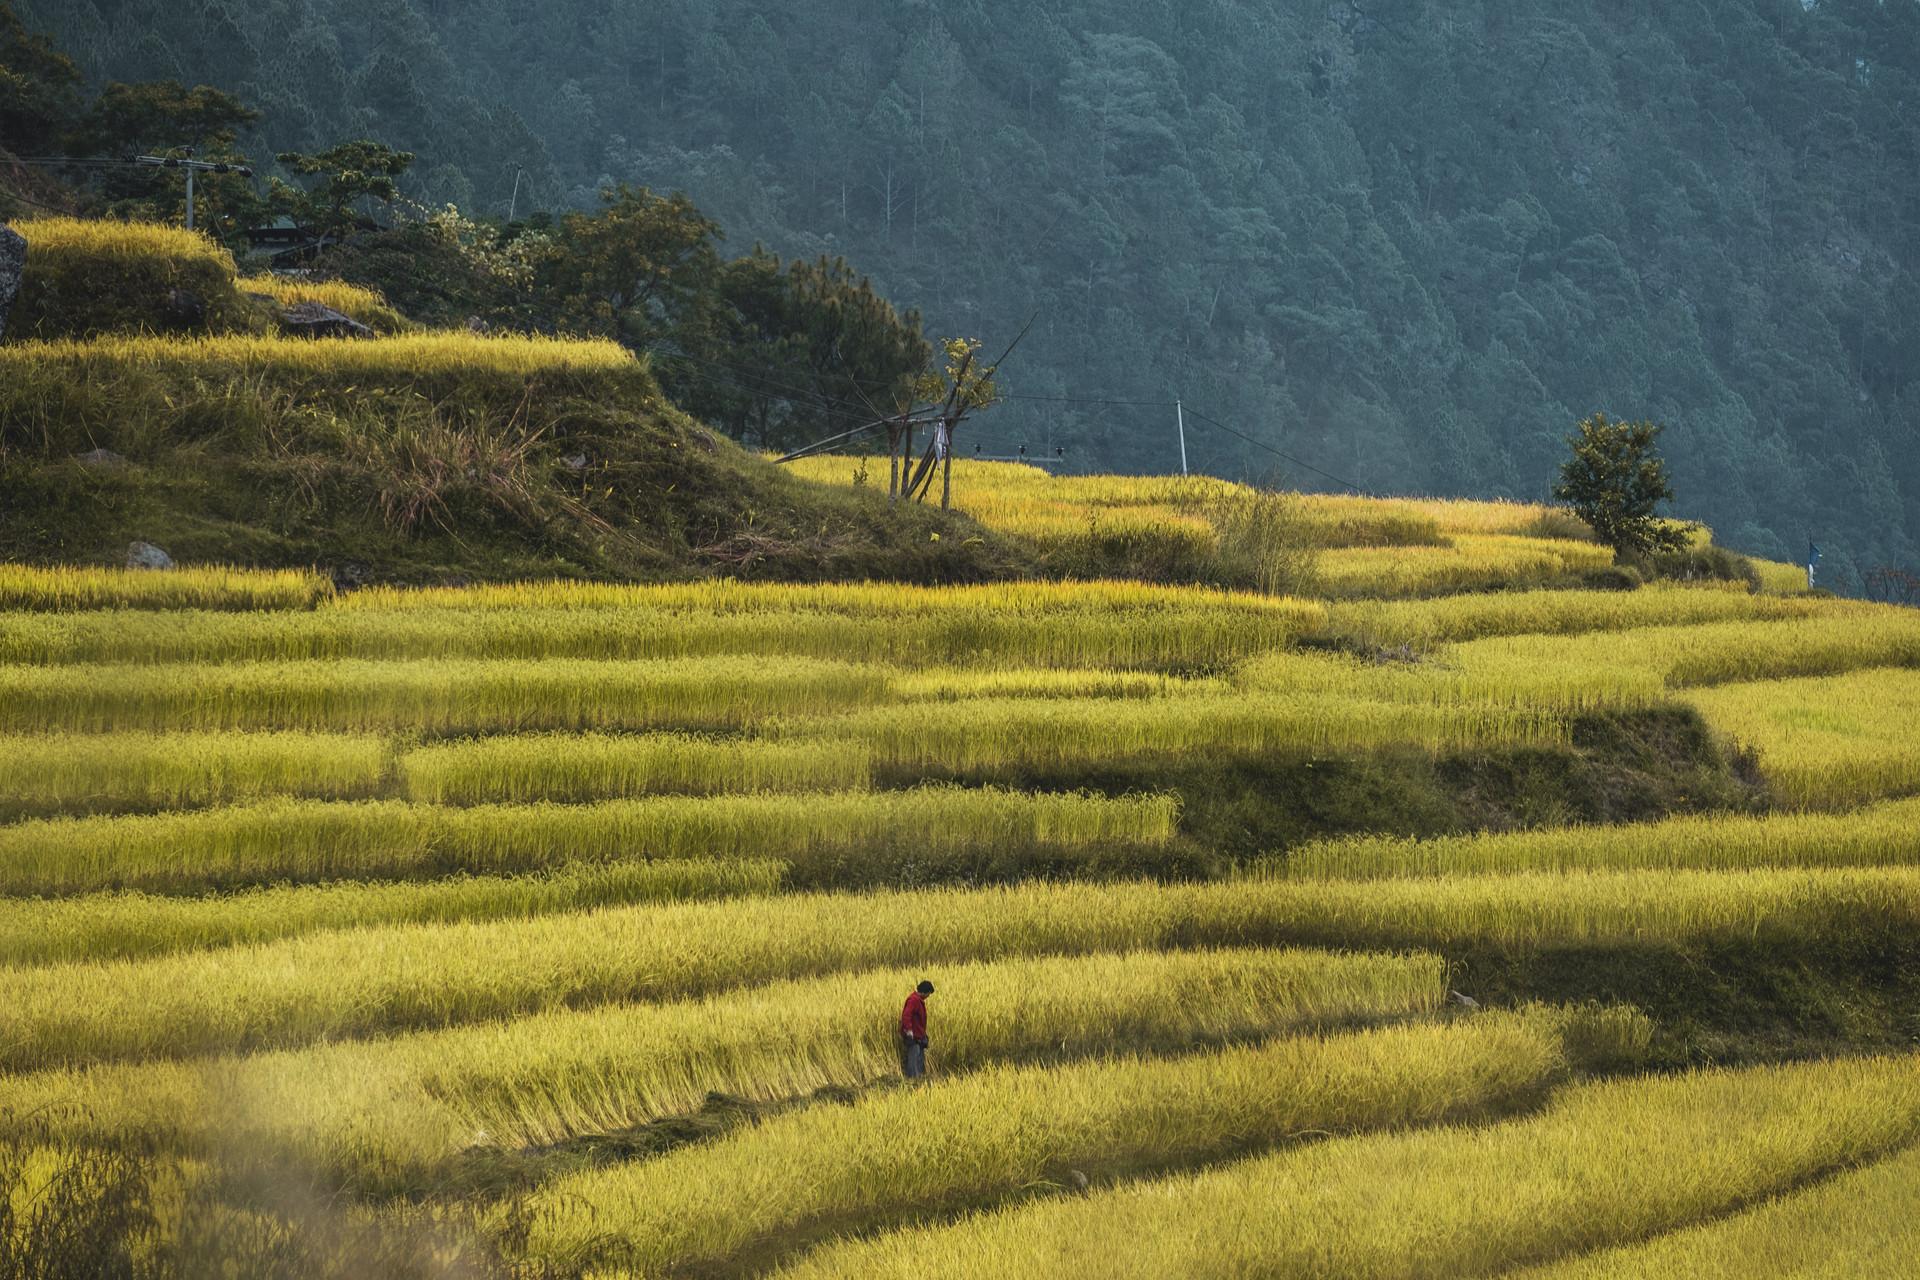 bhutan-225048.jpg